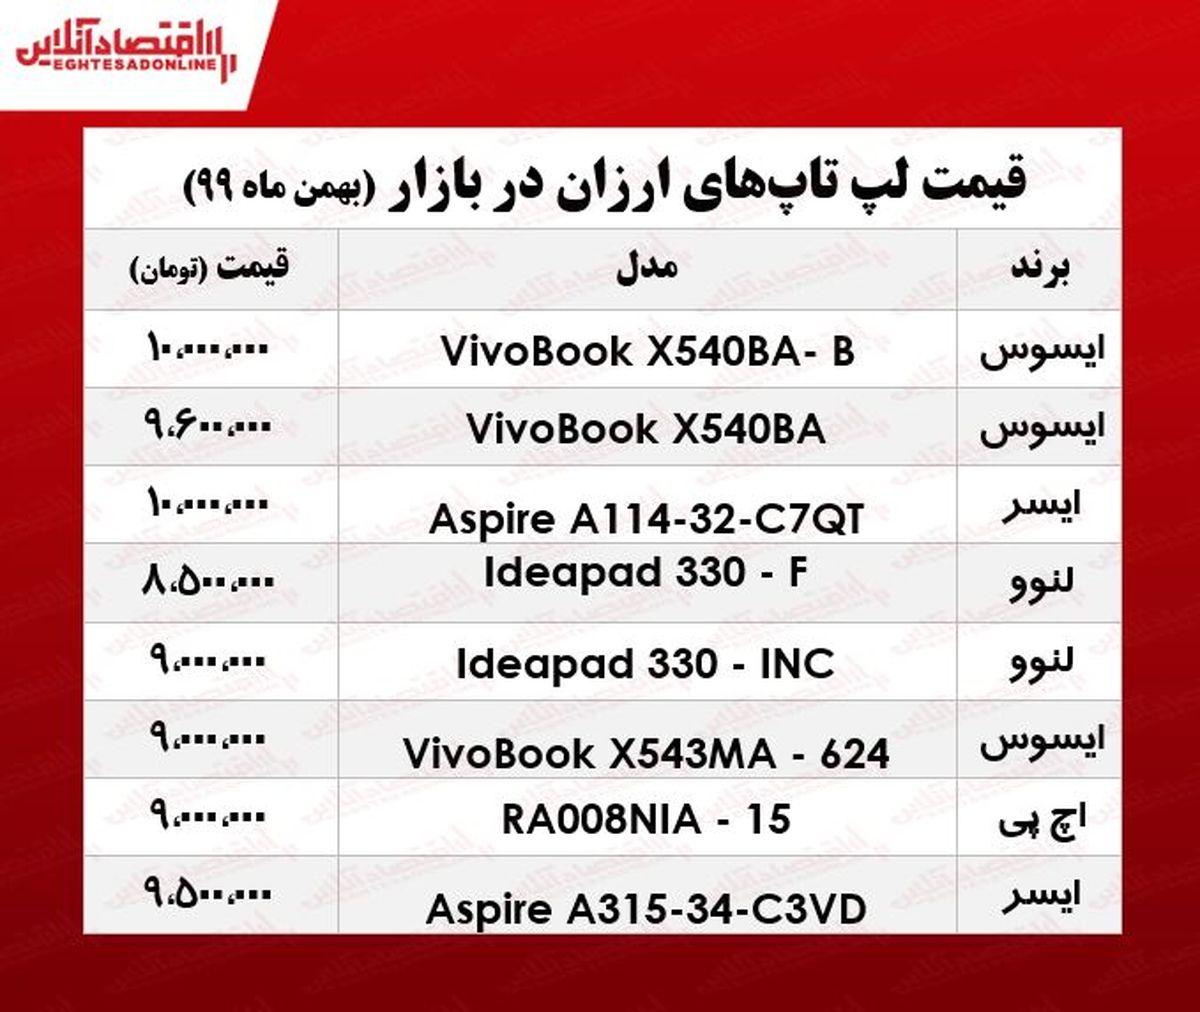 ارزانترین لپ تاپ چند؟/ ۲۵بهمن ۹۹